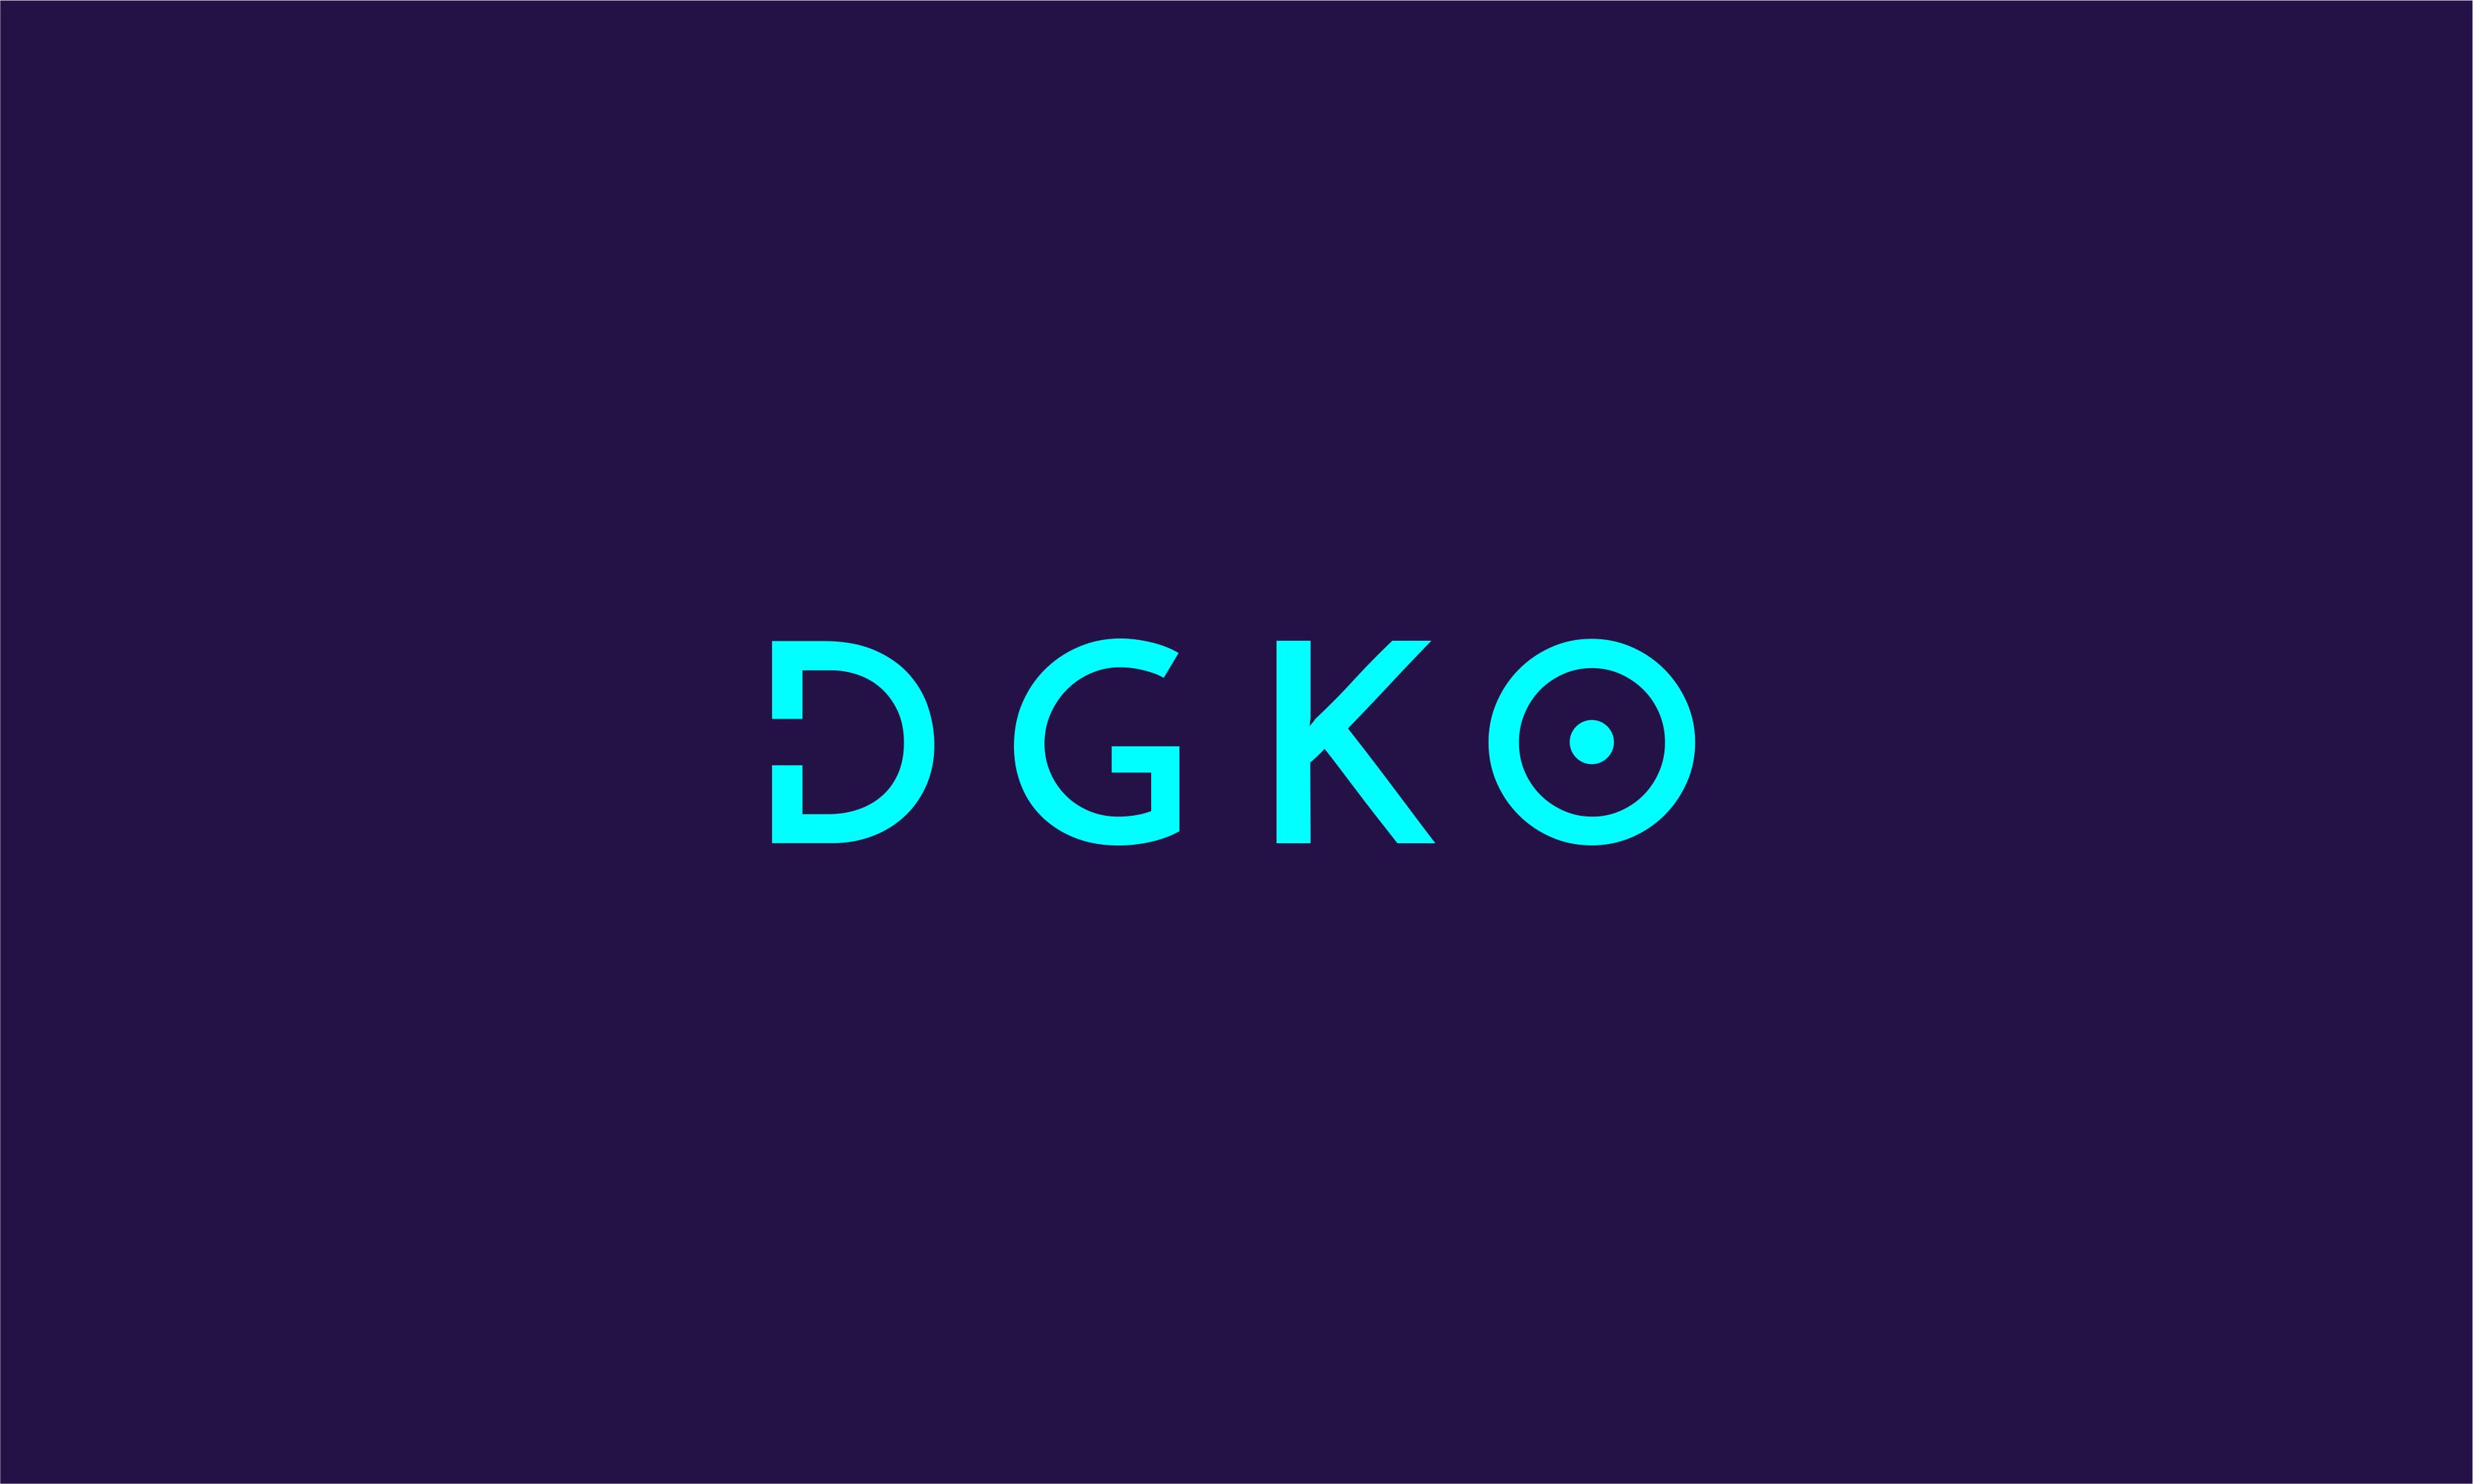 dgko logo